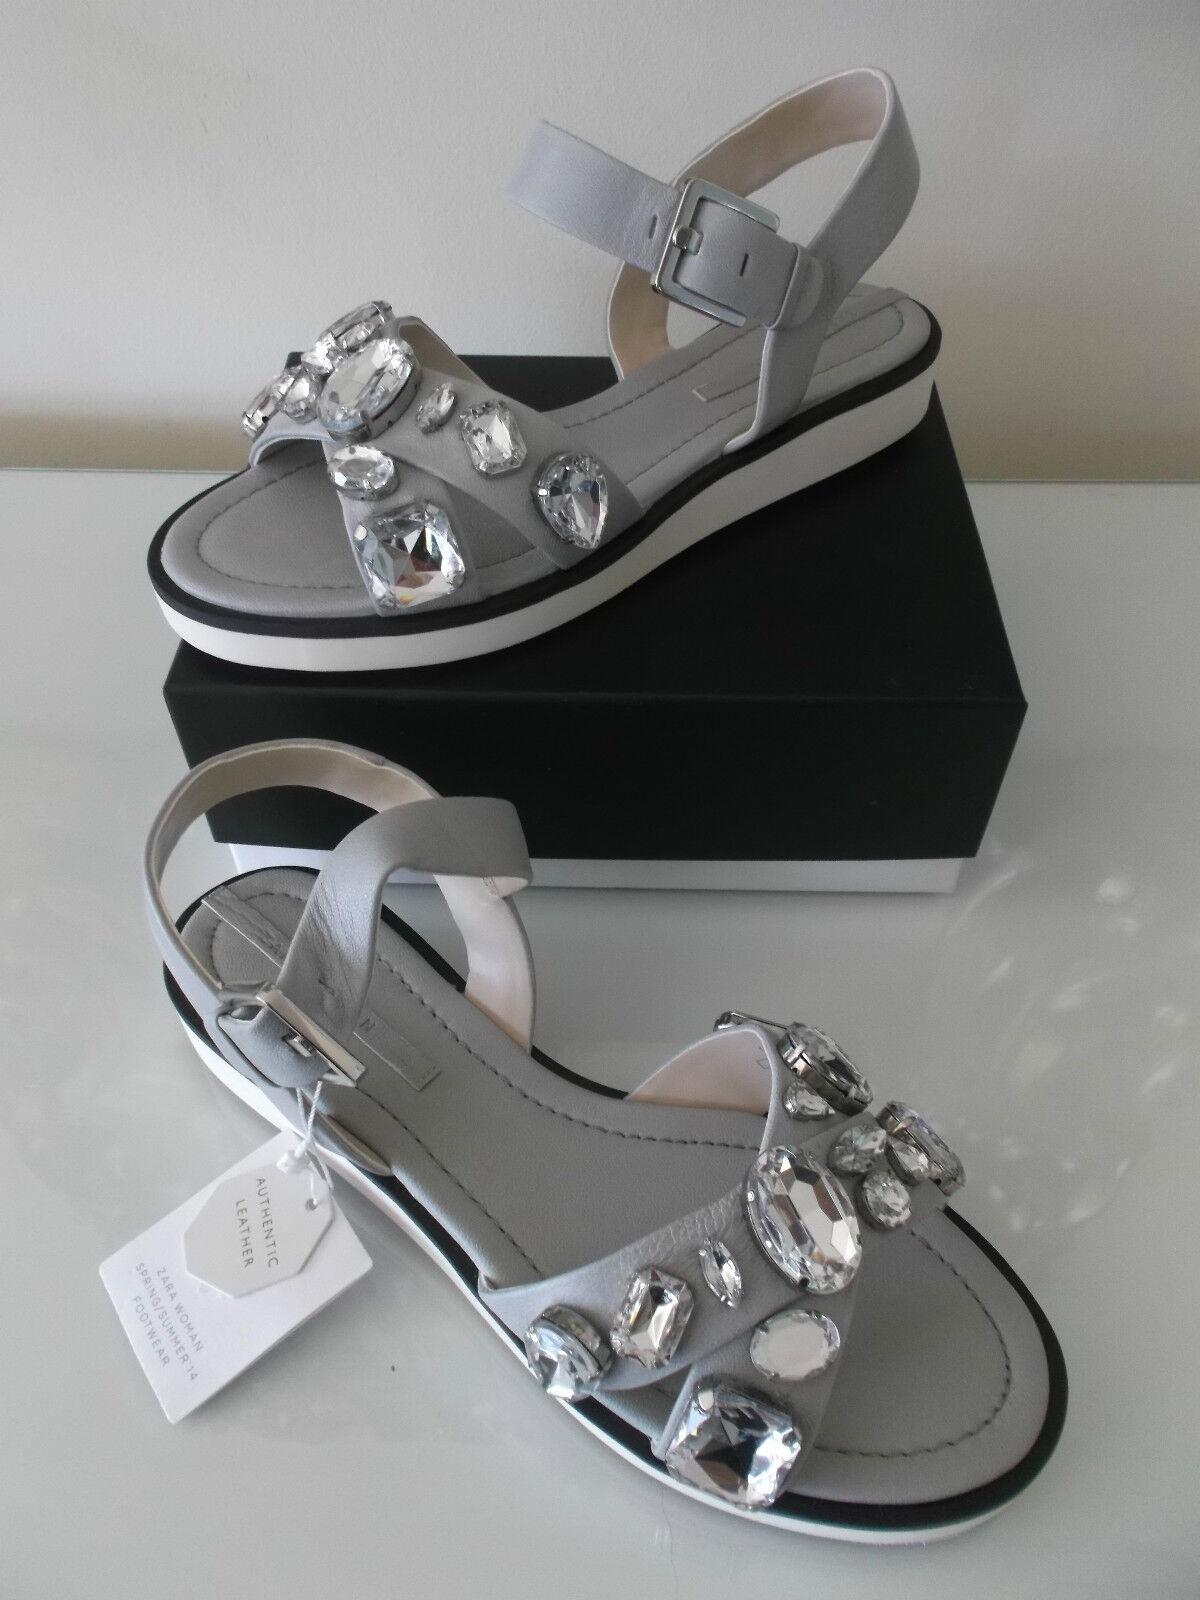 Zara gris Plata Cuero Cuero Cuero Sandalia Zapatos de cruce con Diamante Joyas 37 4 BNWT  alta calidad